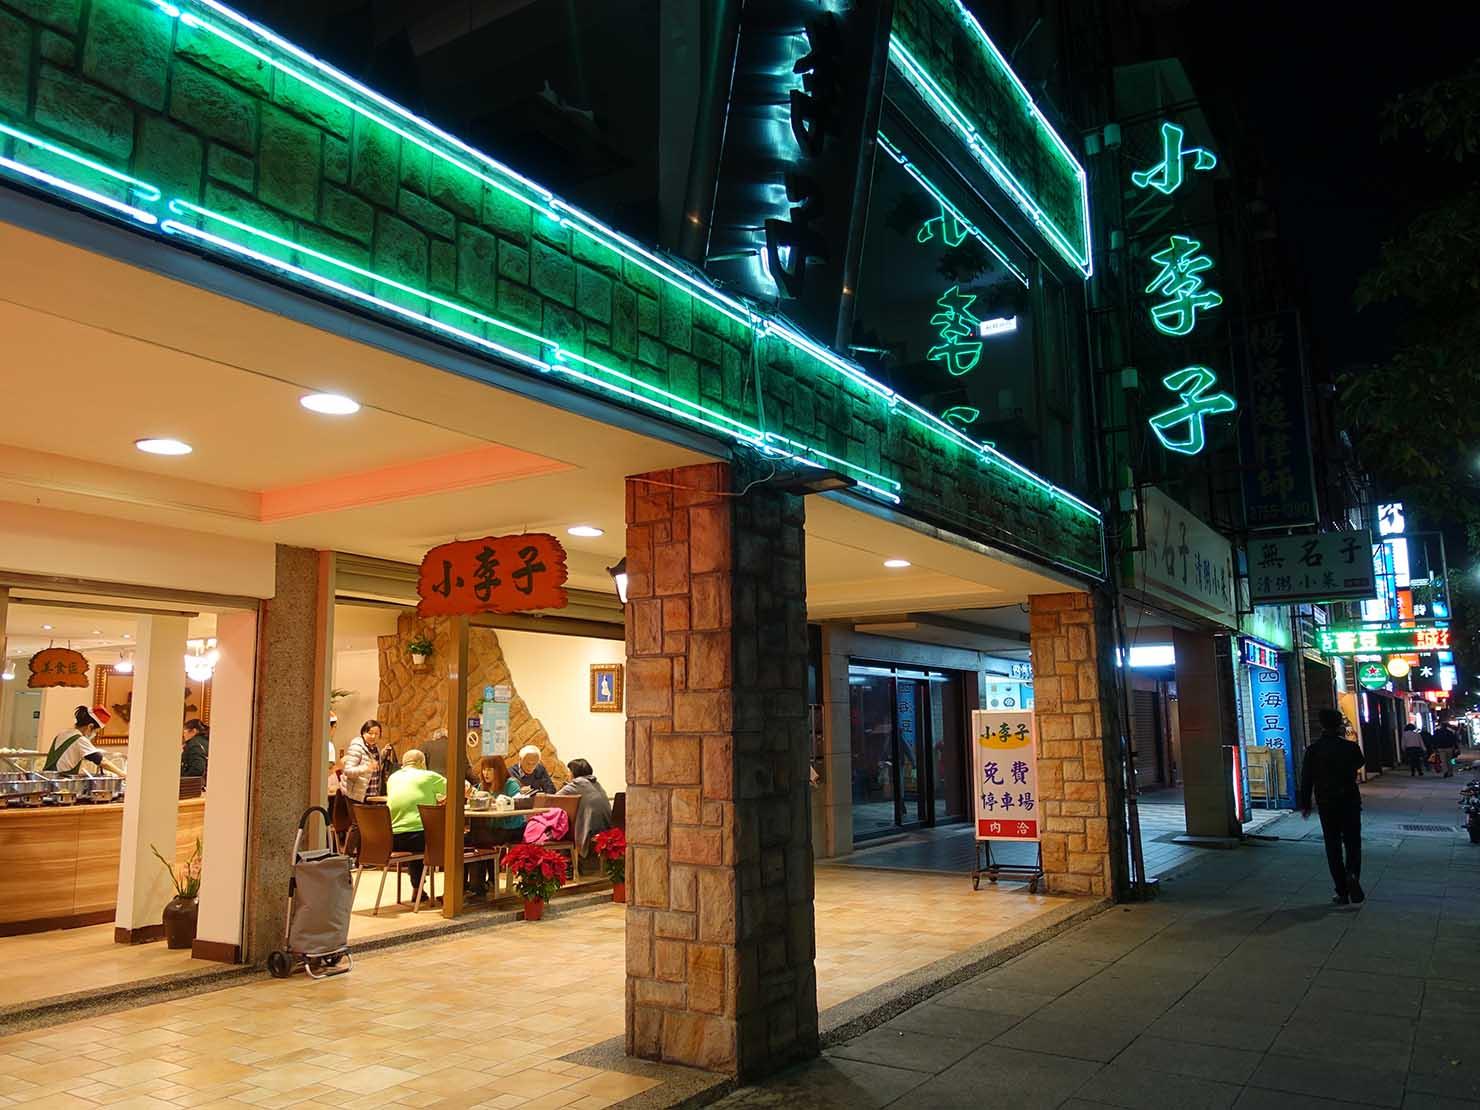 台北・清粥街(お粥街)にある「小李子清粥小菜」夜の外観